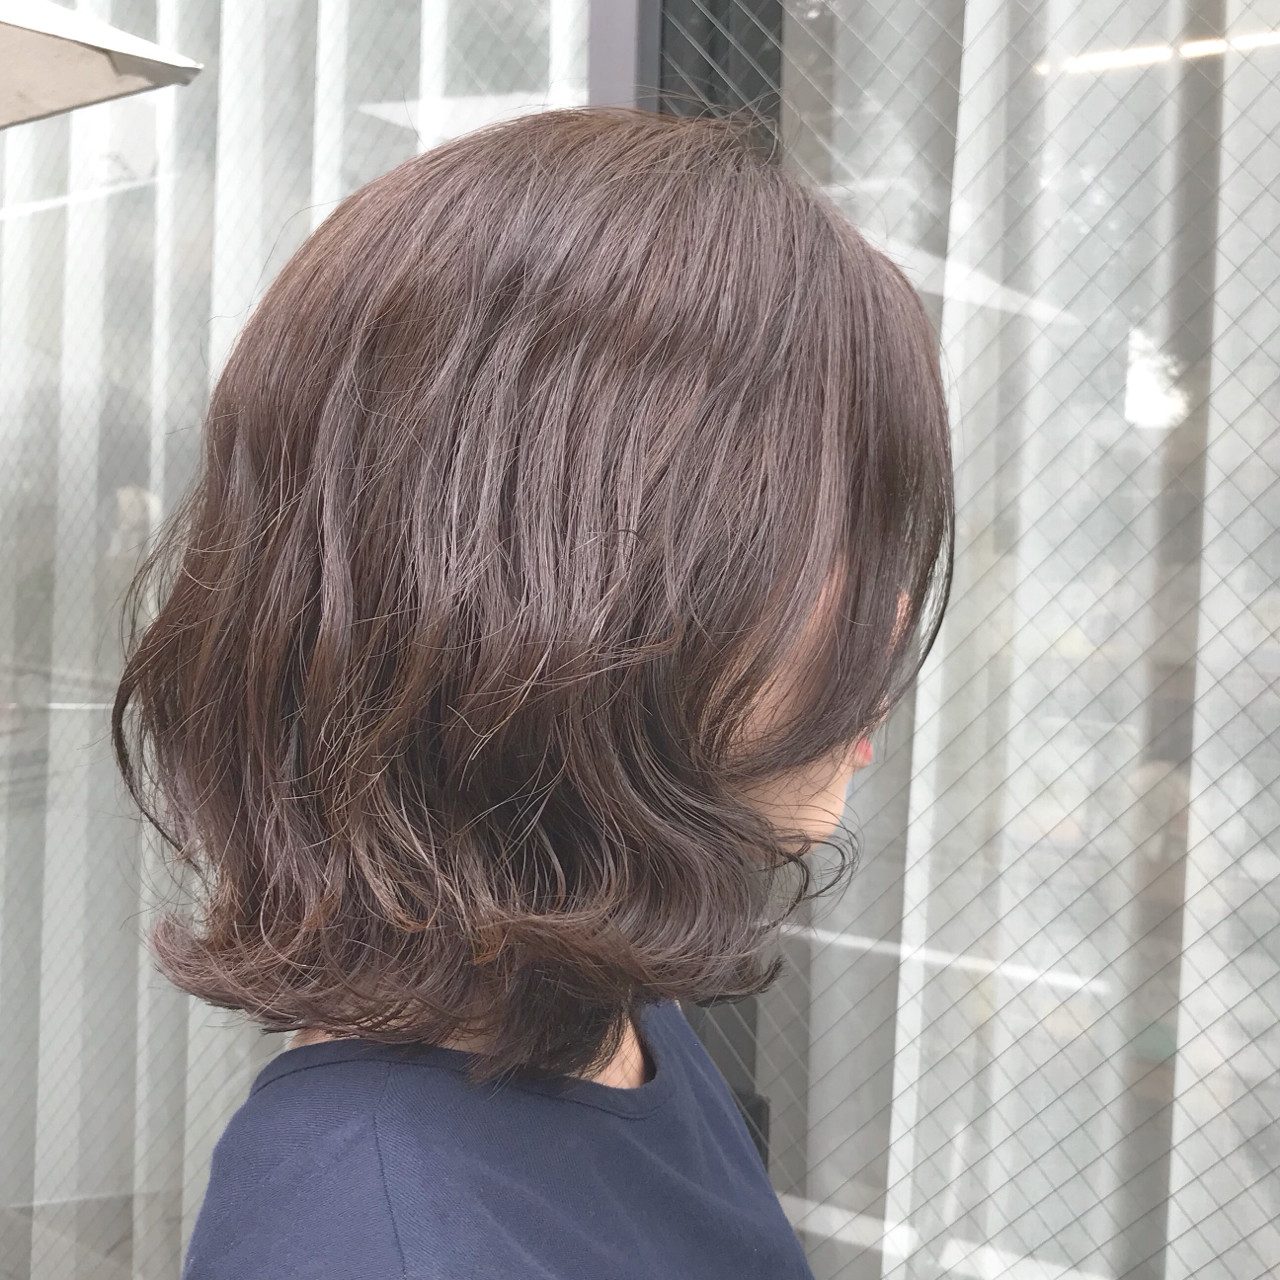 大人かわいい 切りっぱなし ボブ 外ハネ ヘアスタイルや髪型の写真・画像 | brisa 野田 沙織 / brisa ブリッサ